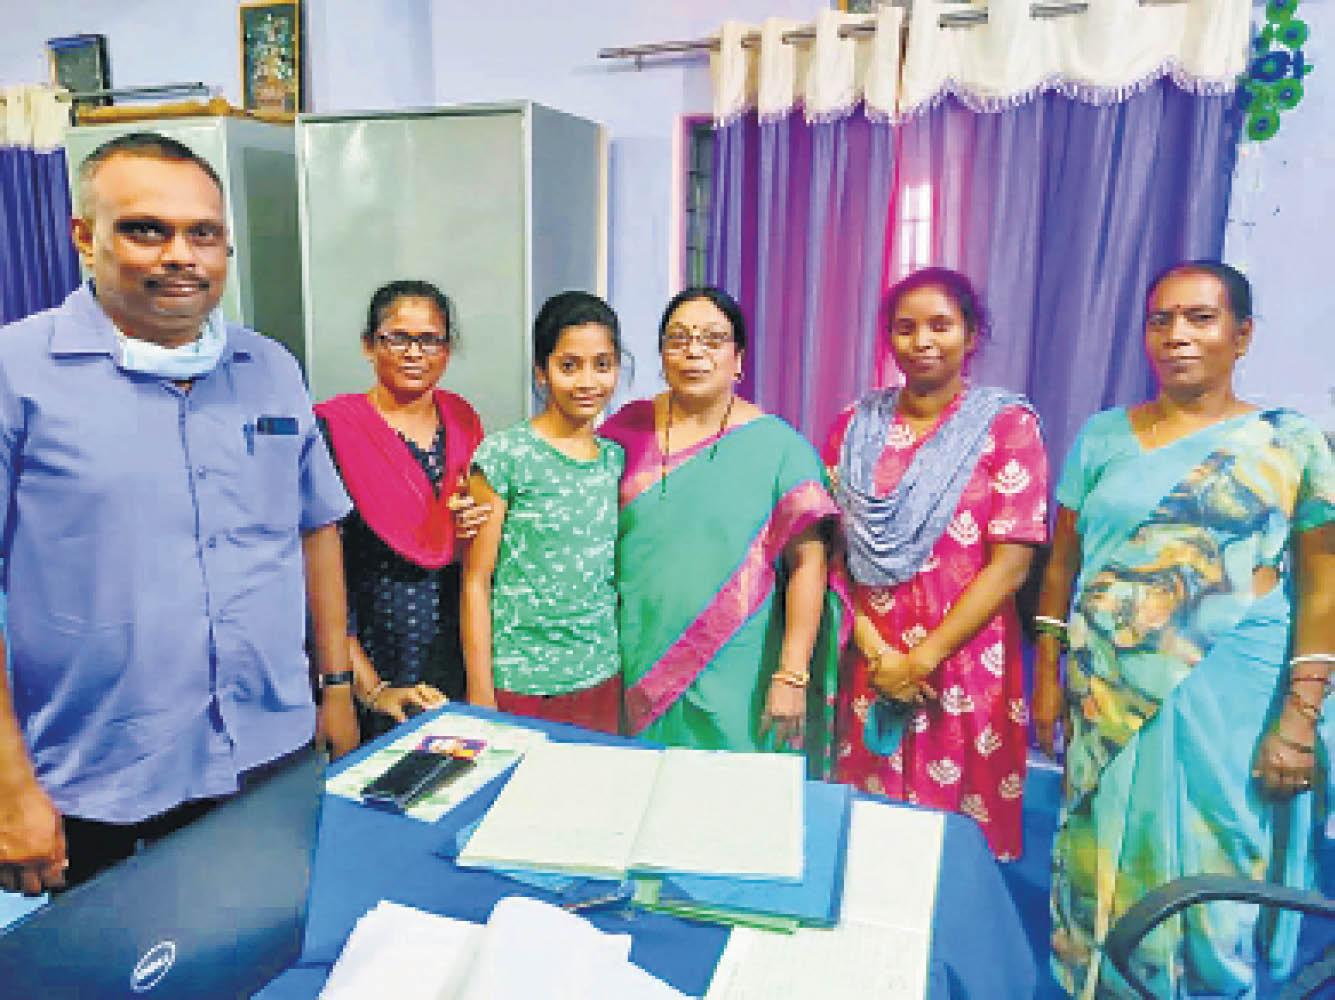 माता-पिता ने रिश्ता तय किया तो बेटी ने विरोध किया, शिक्षिका समर्थन में आईं, कहा- थाने में शिकायत करूंगी; शादी रुकी|रांची,Ranchi - Dainik Bhaskar